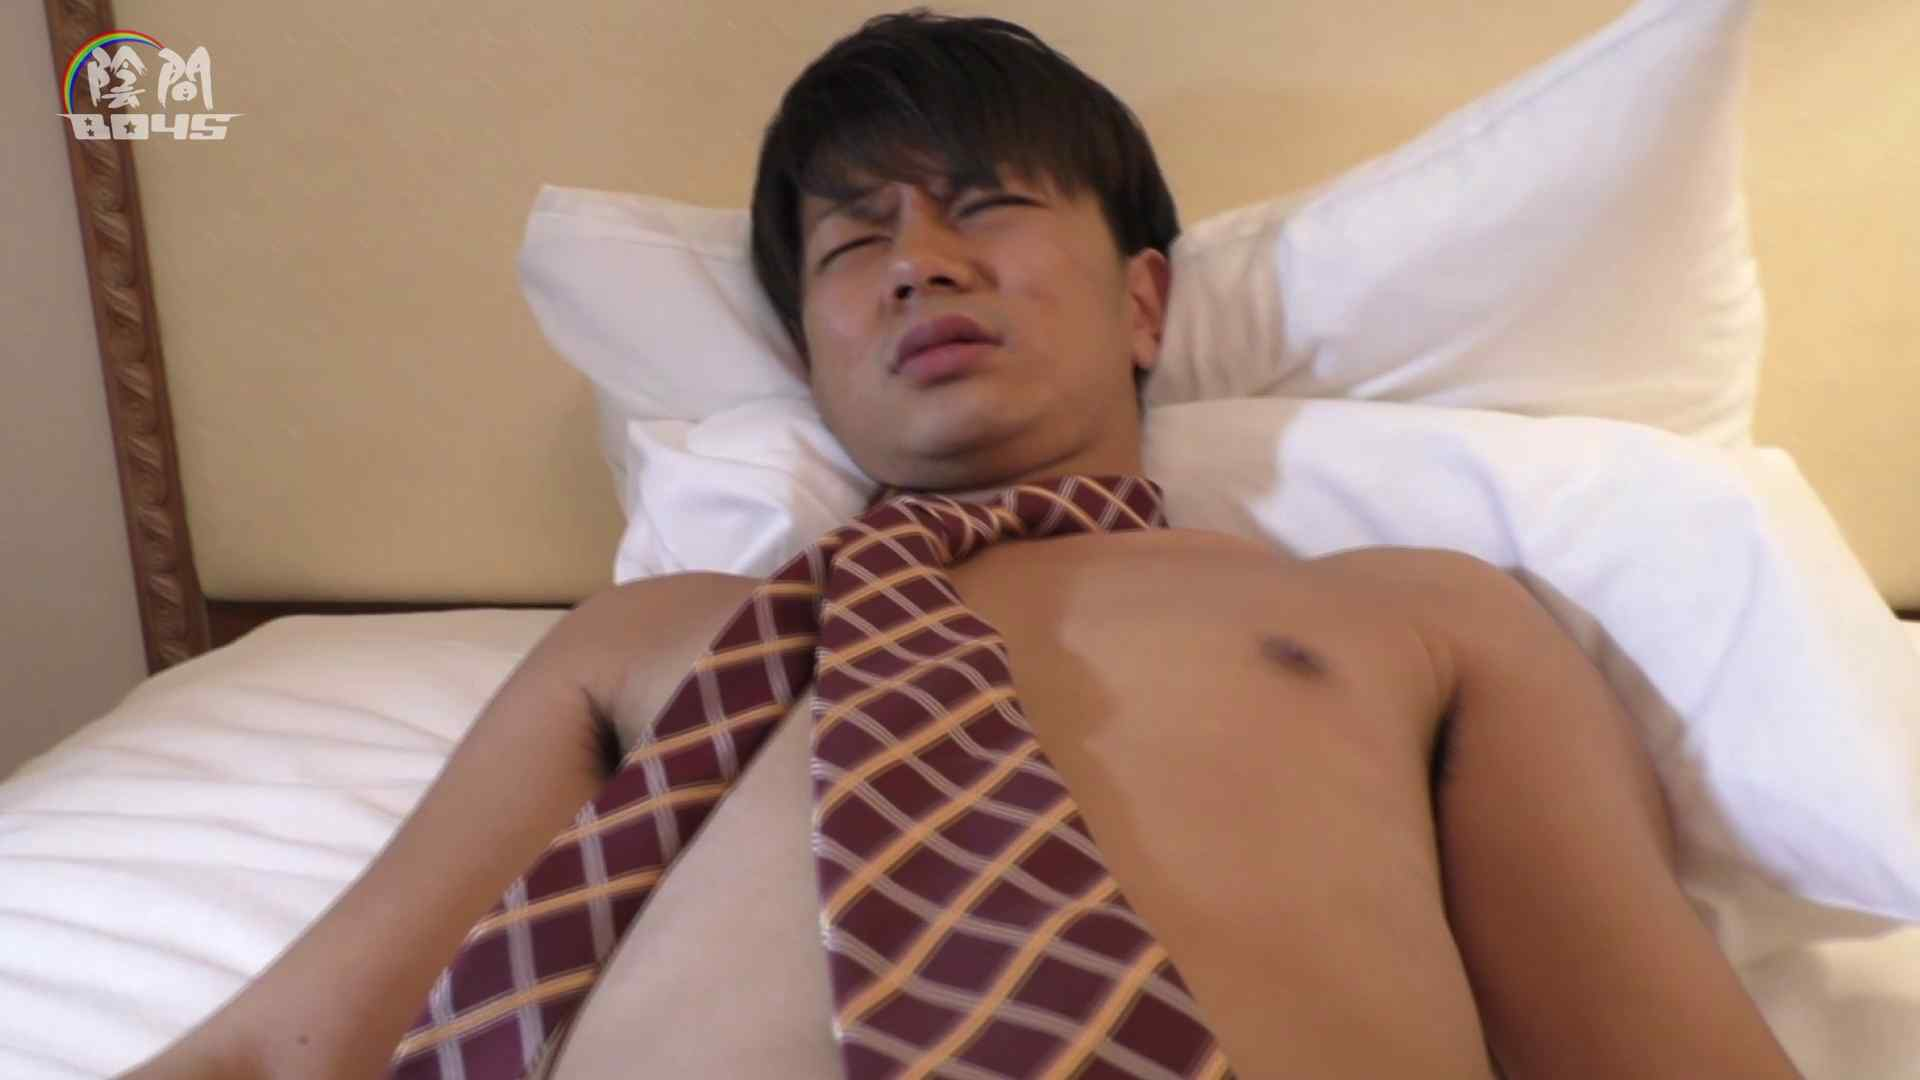 陰間BOYS~キャバクラの仕事はアナルから4 Vol.03 ザーメン  83pic 29